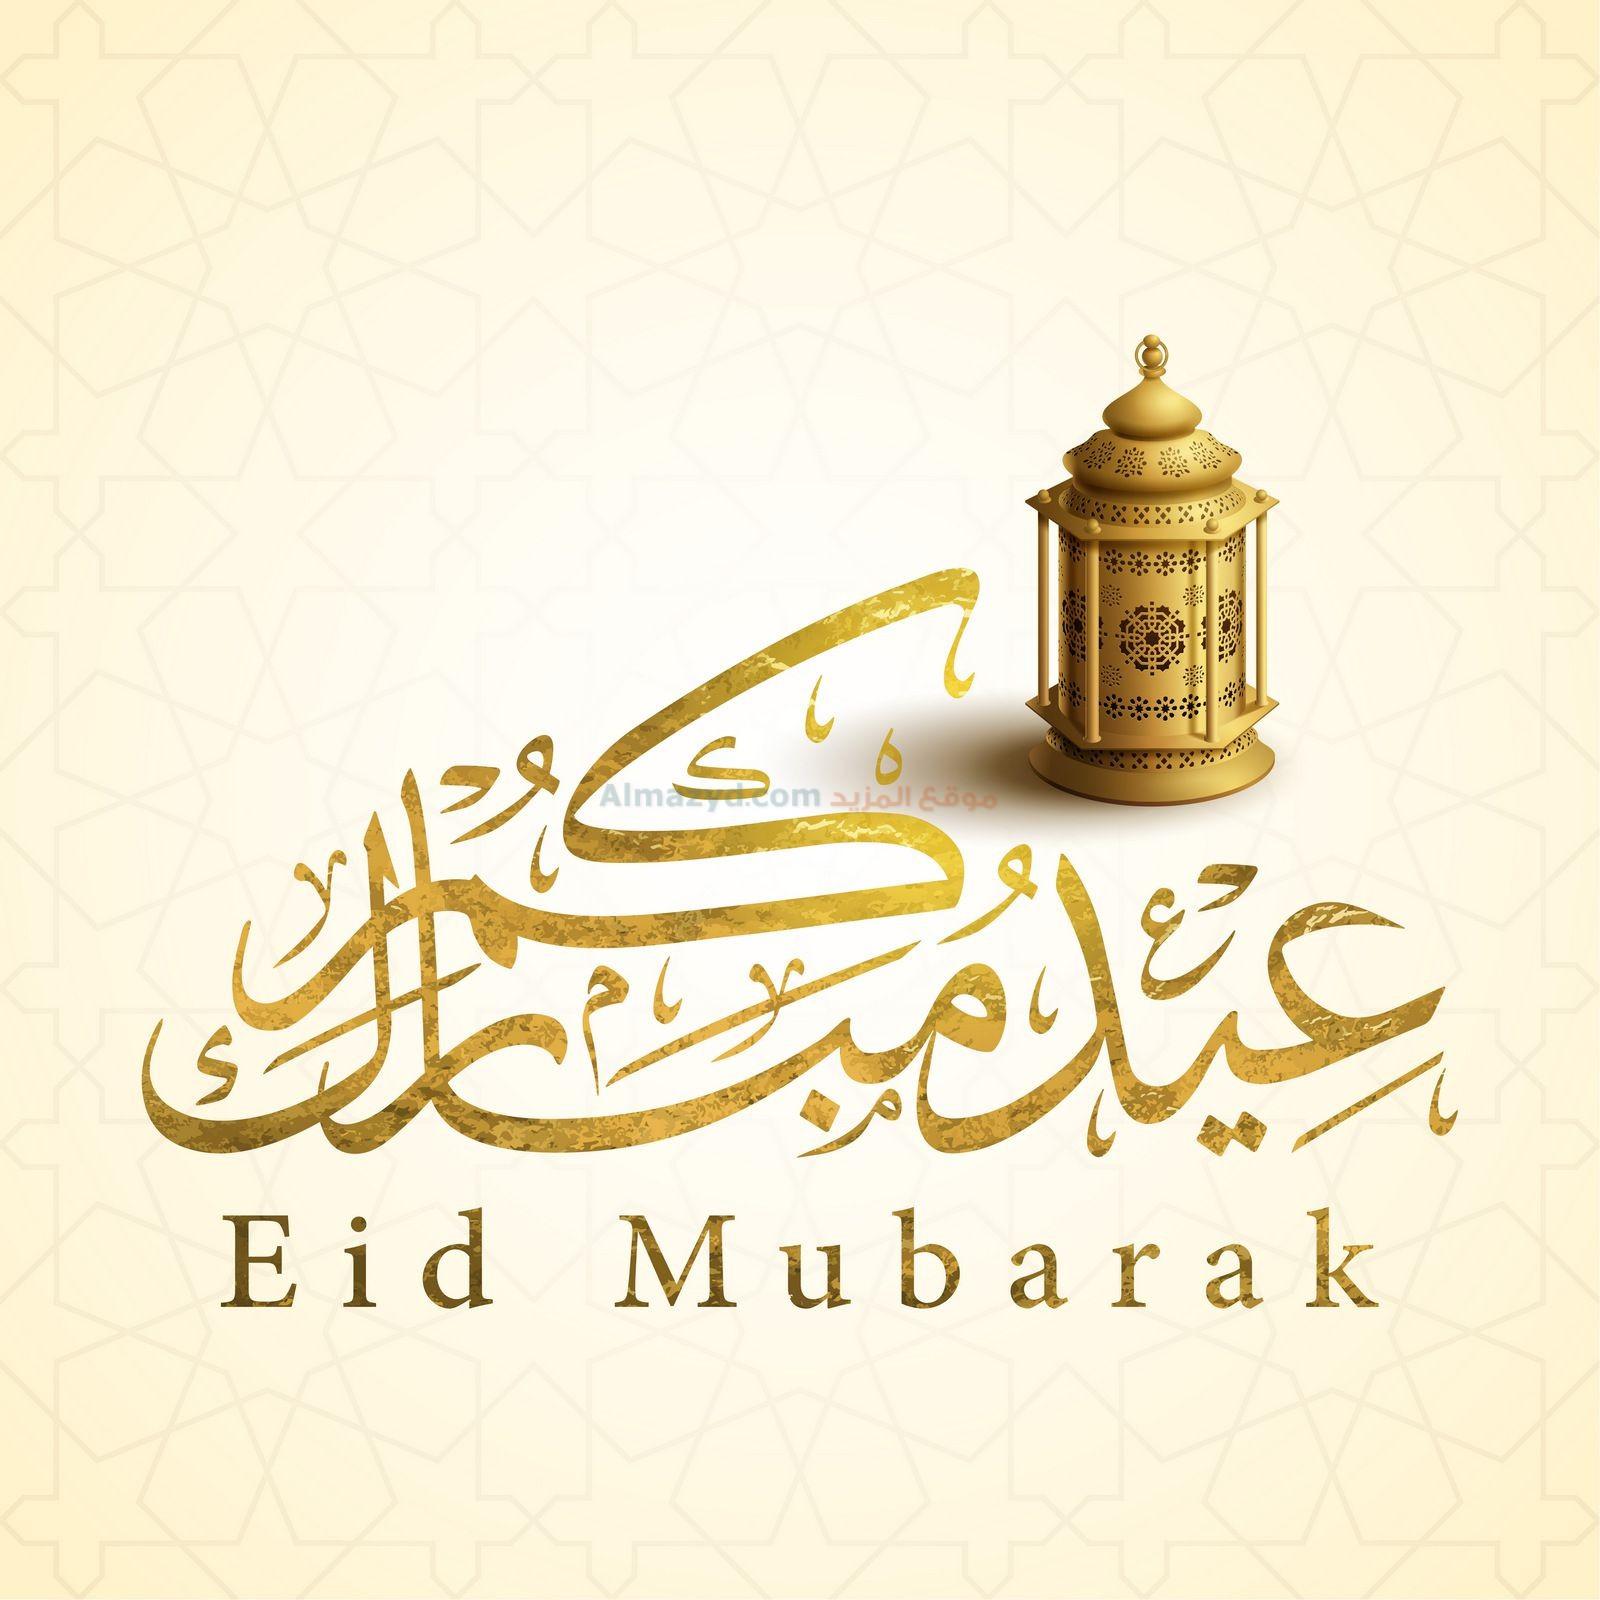 صور عن العيد 2020 رسائل عيد الفطر عيد الفطر المبارك صور عيد الفطر 17